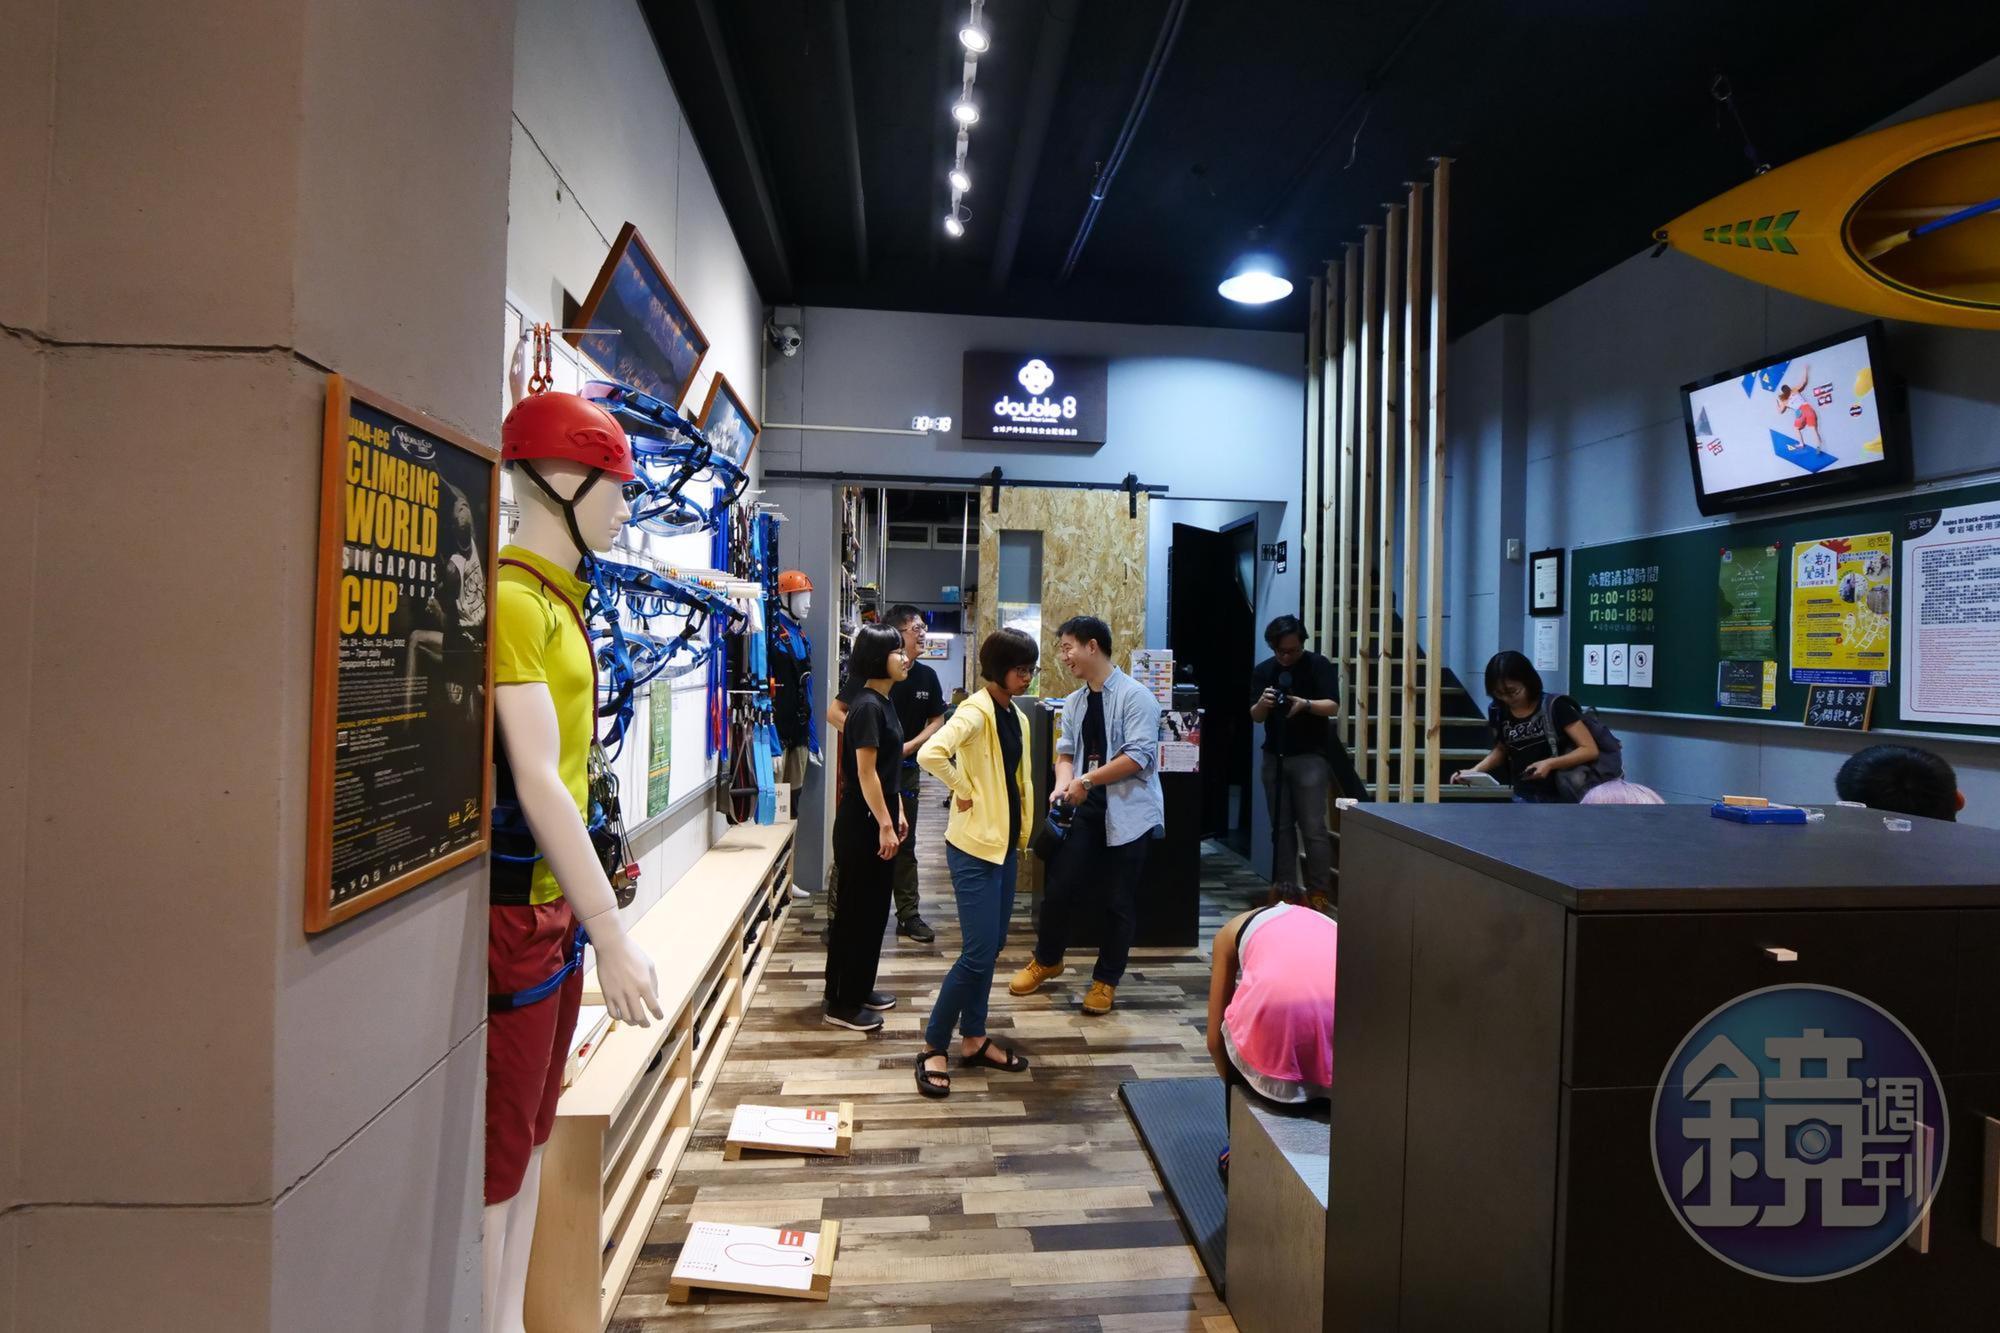 岩究所一樓展示專業攀岩設備。